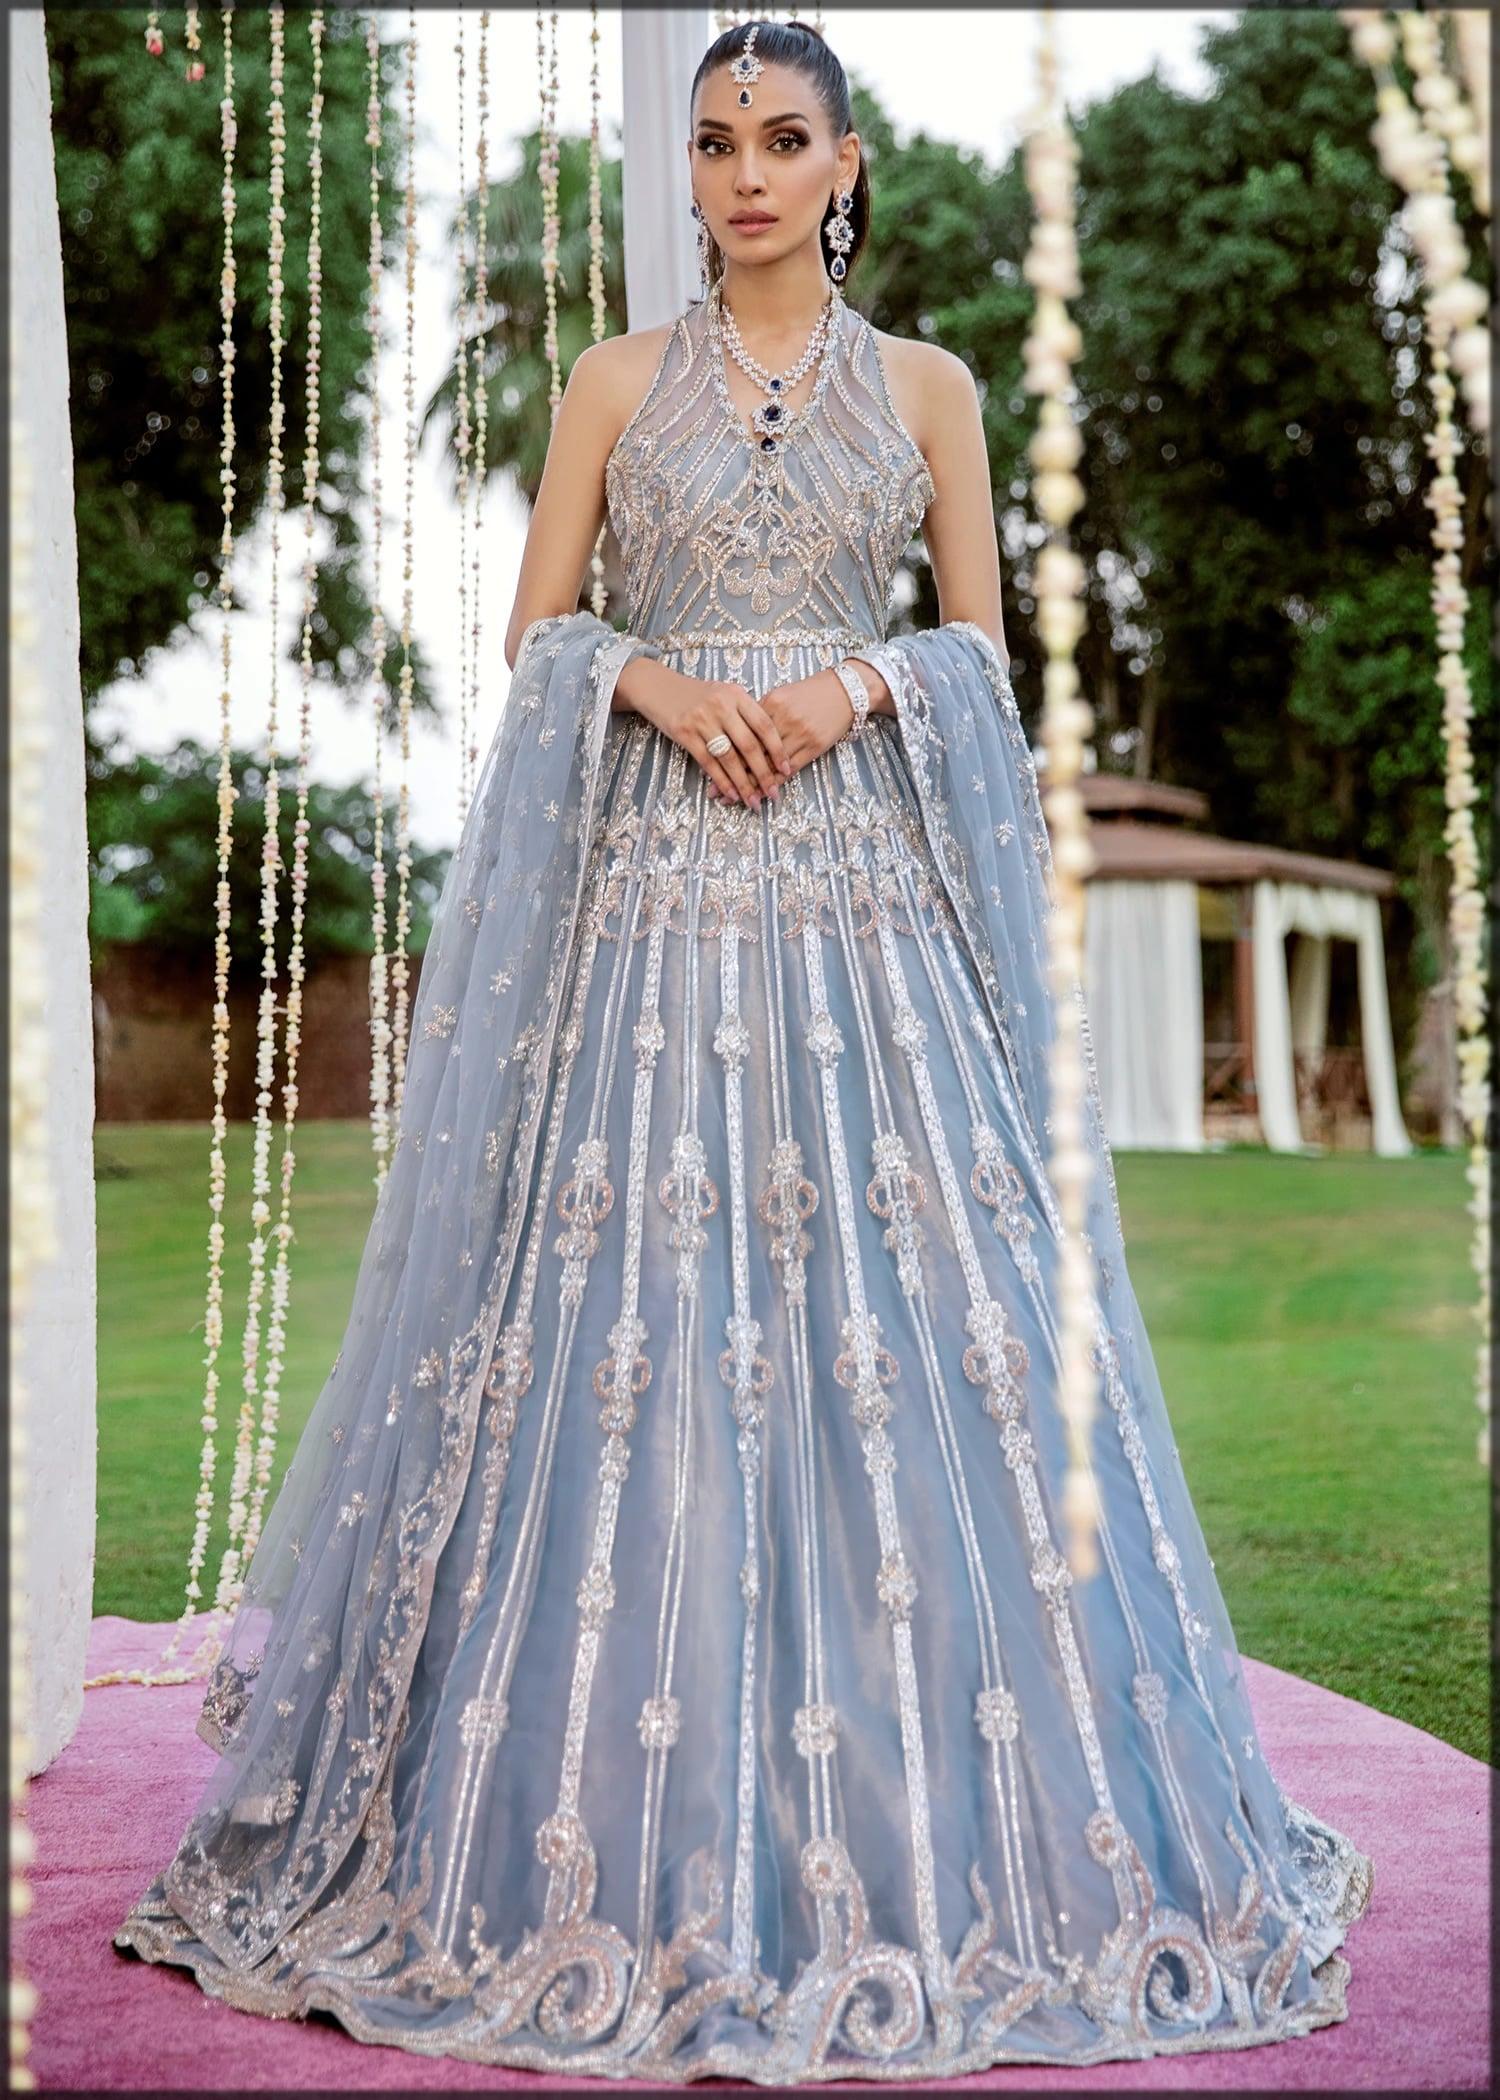 Light blue embroidered dress by sadaf fawad khan